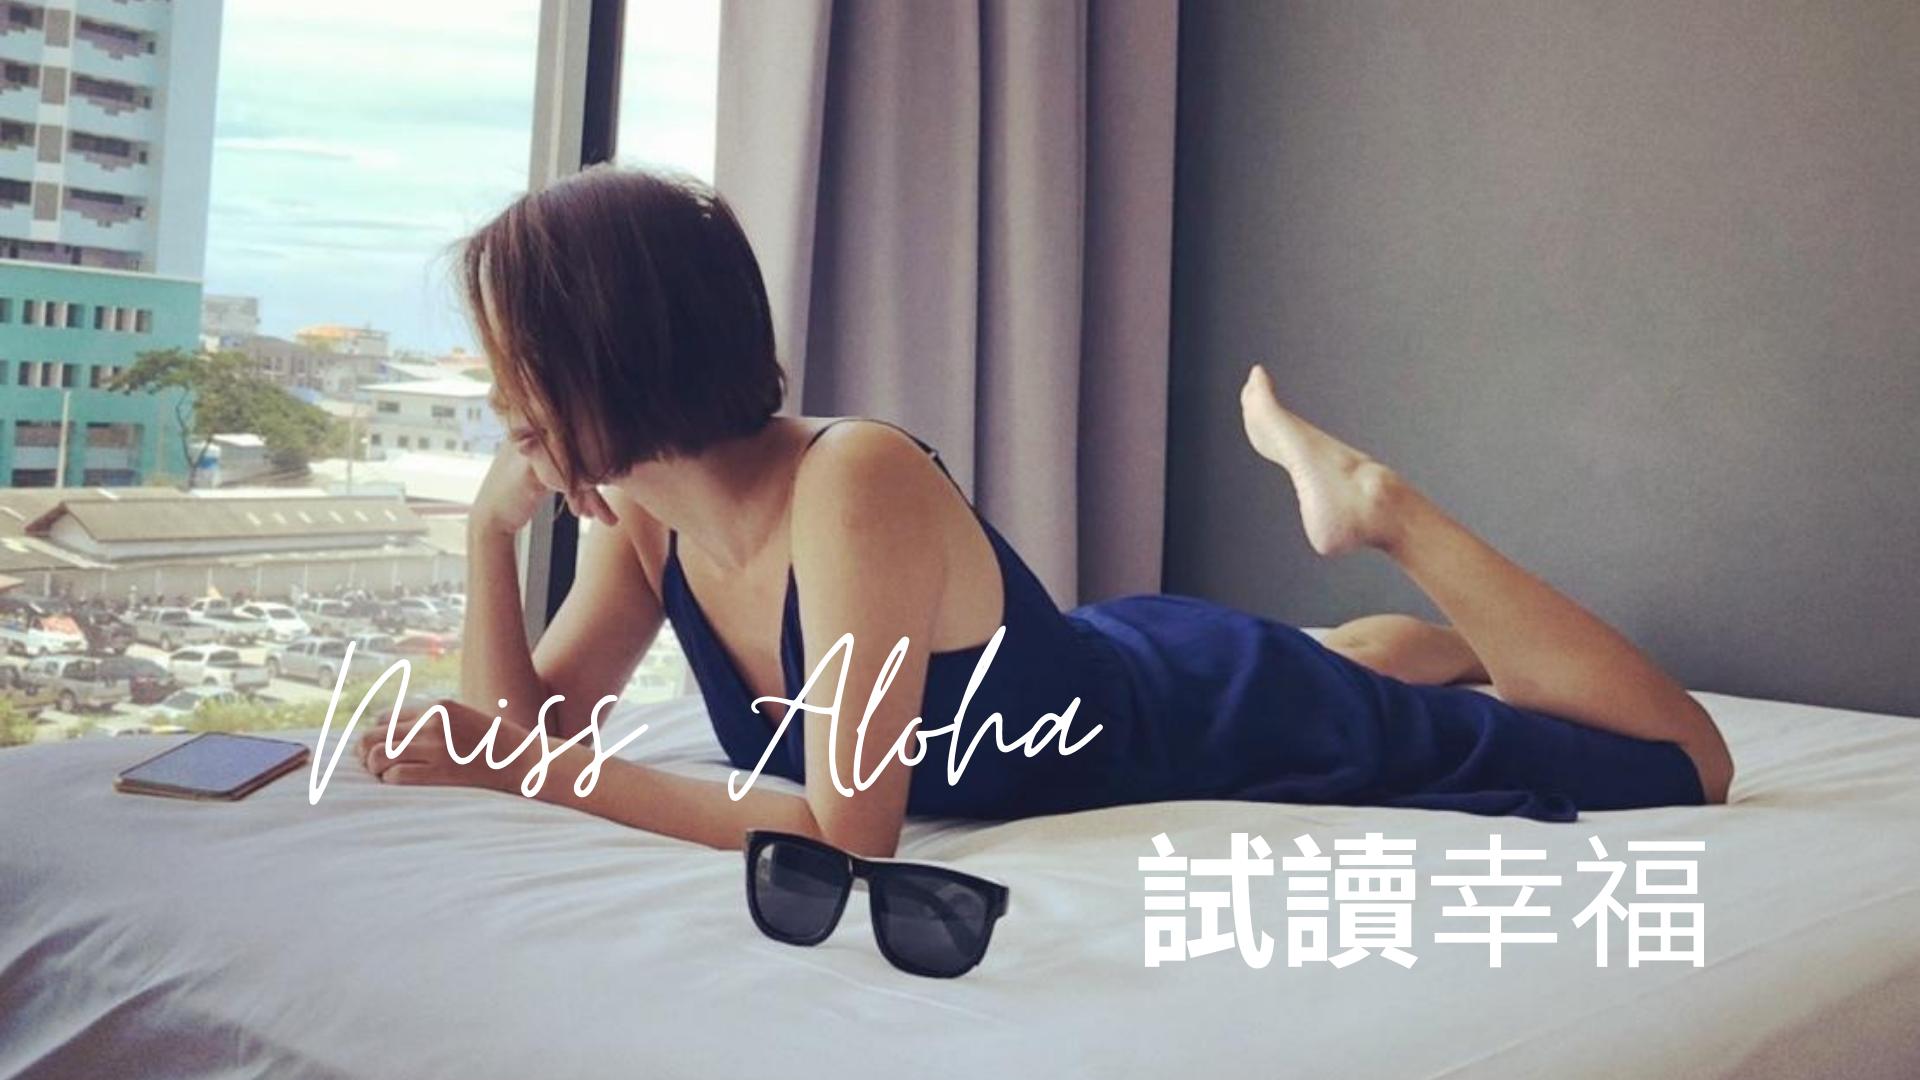 Miss Aloha 試讀幸福